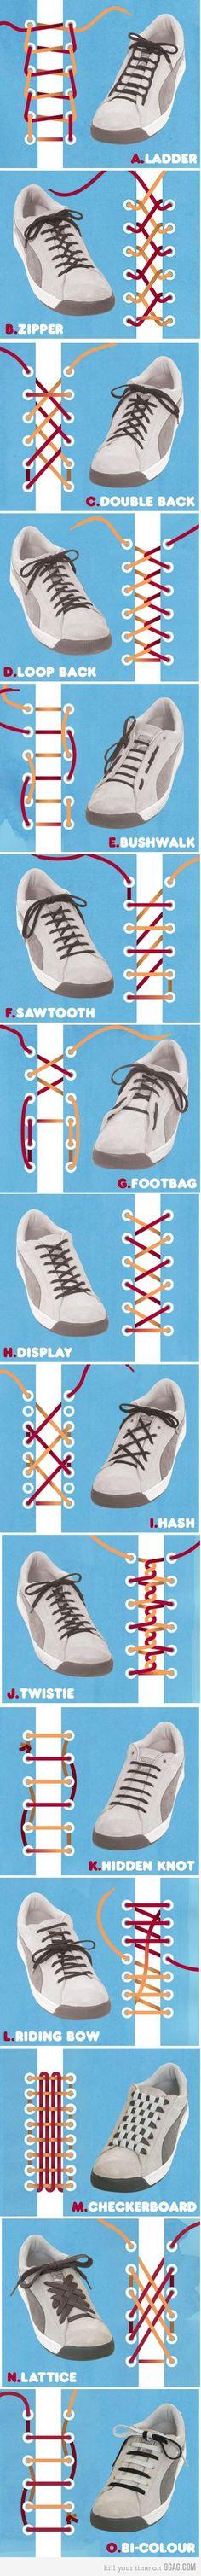 shoe ties. I had no idea!